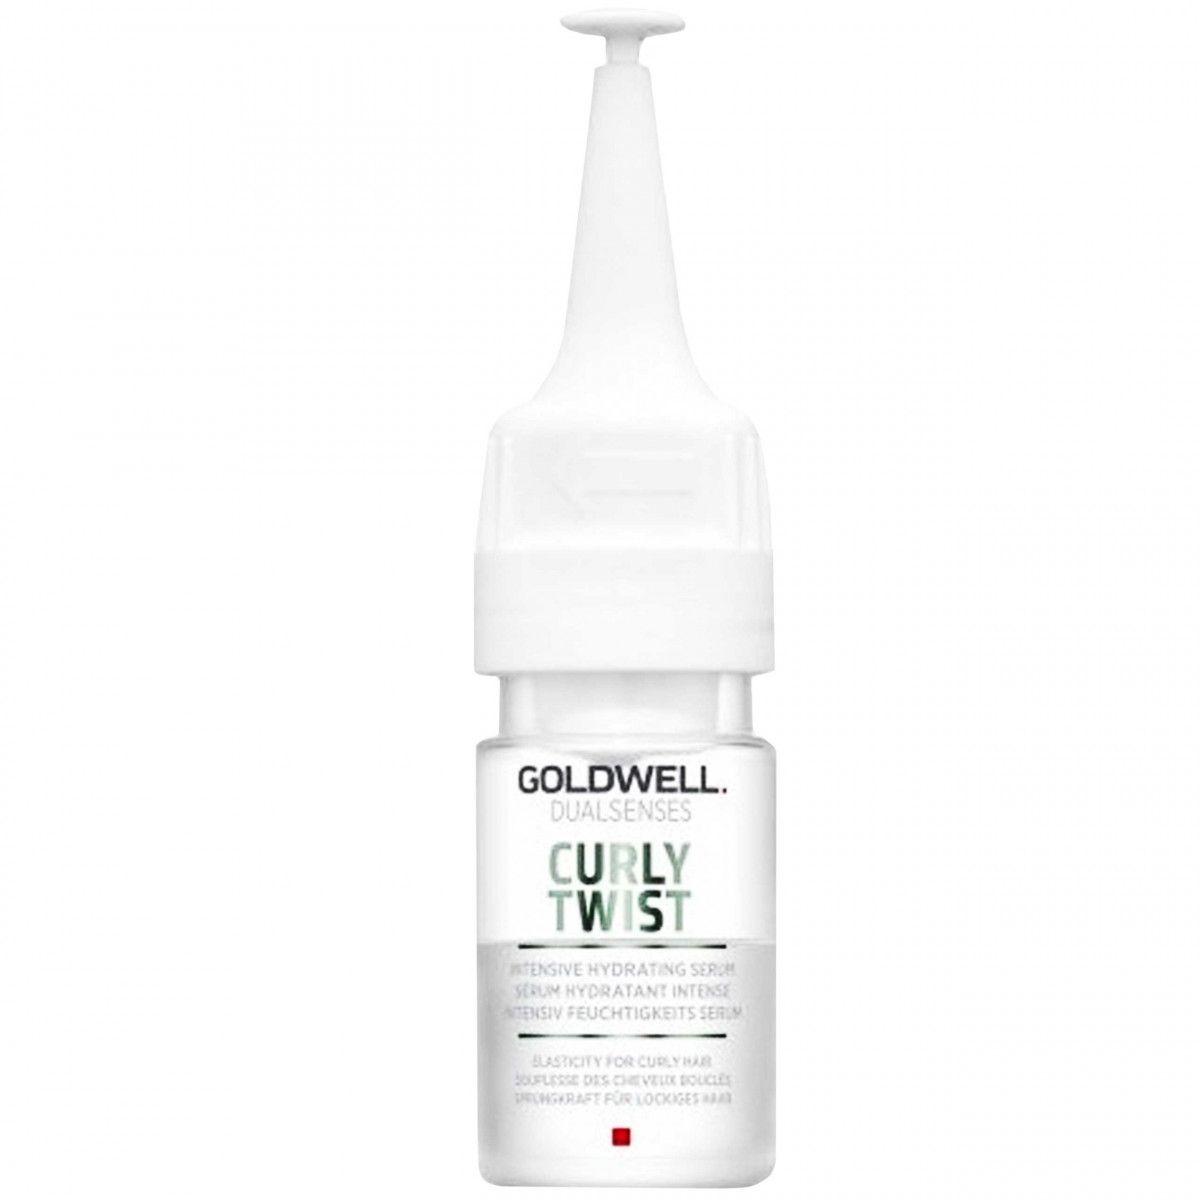 Goldwell Curly Twist Serum, nawilżająca ampułka do kręconych włosów 18ml